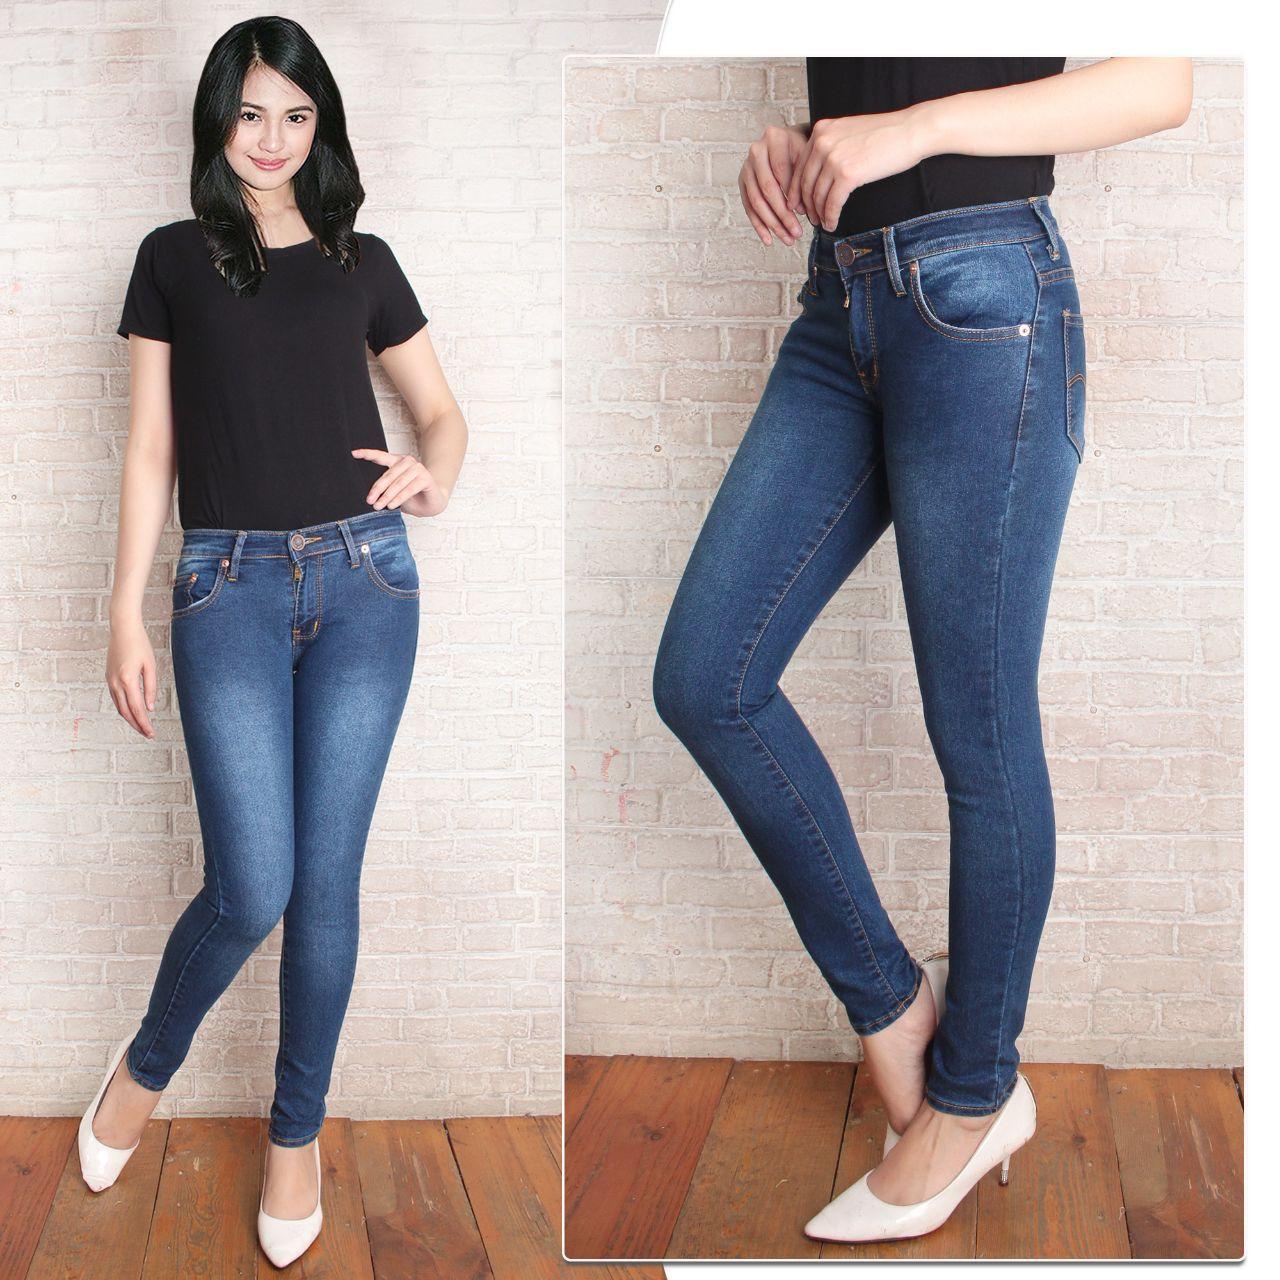 celana jeans wanita skiny slimfit biru tua pensil terbaru